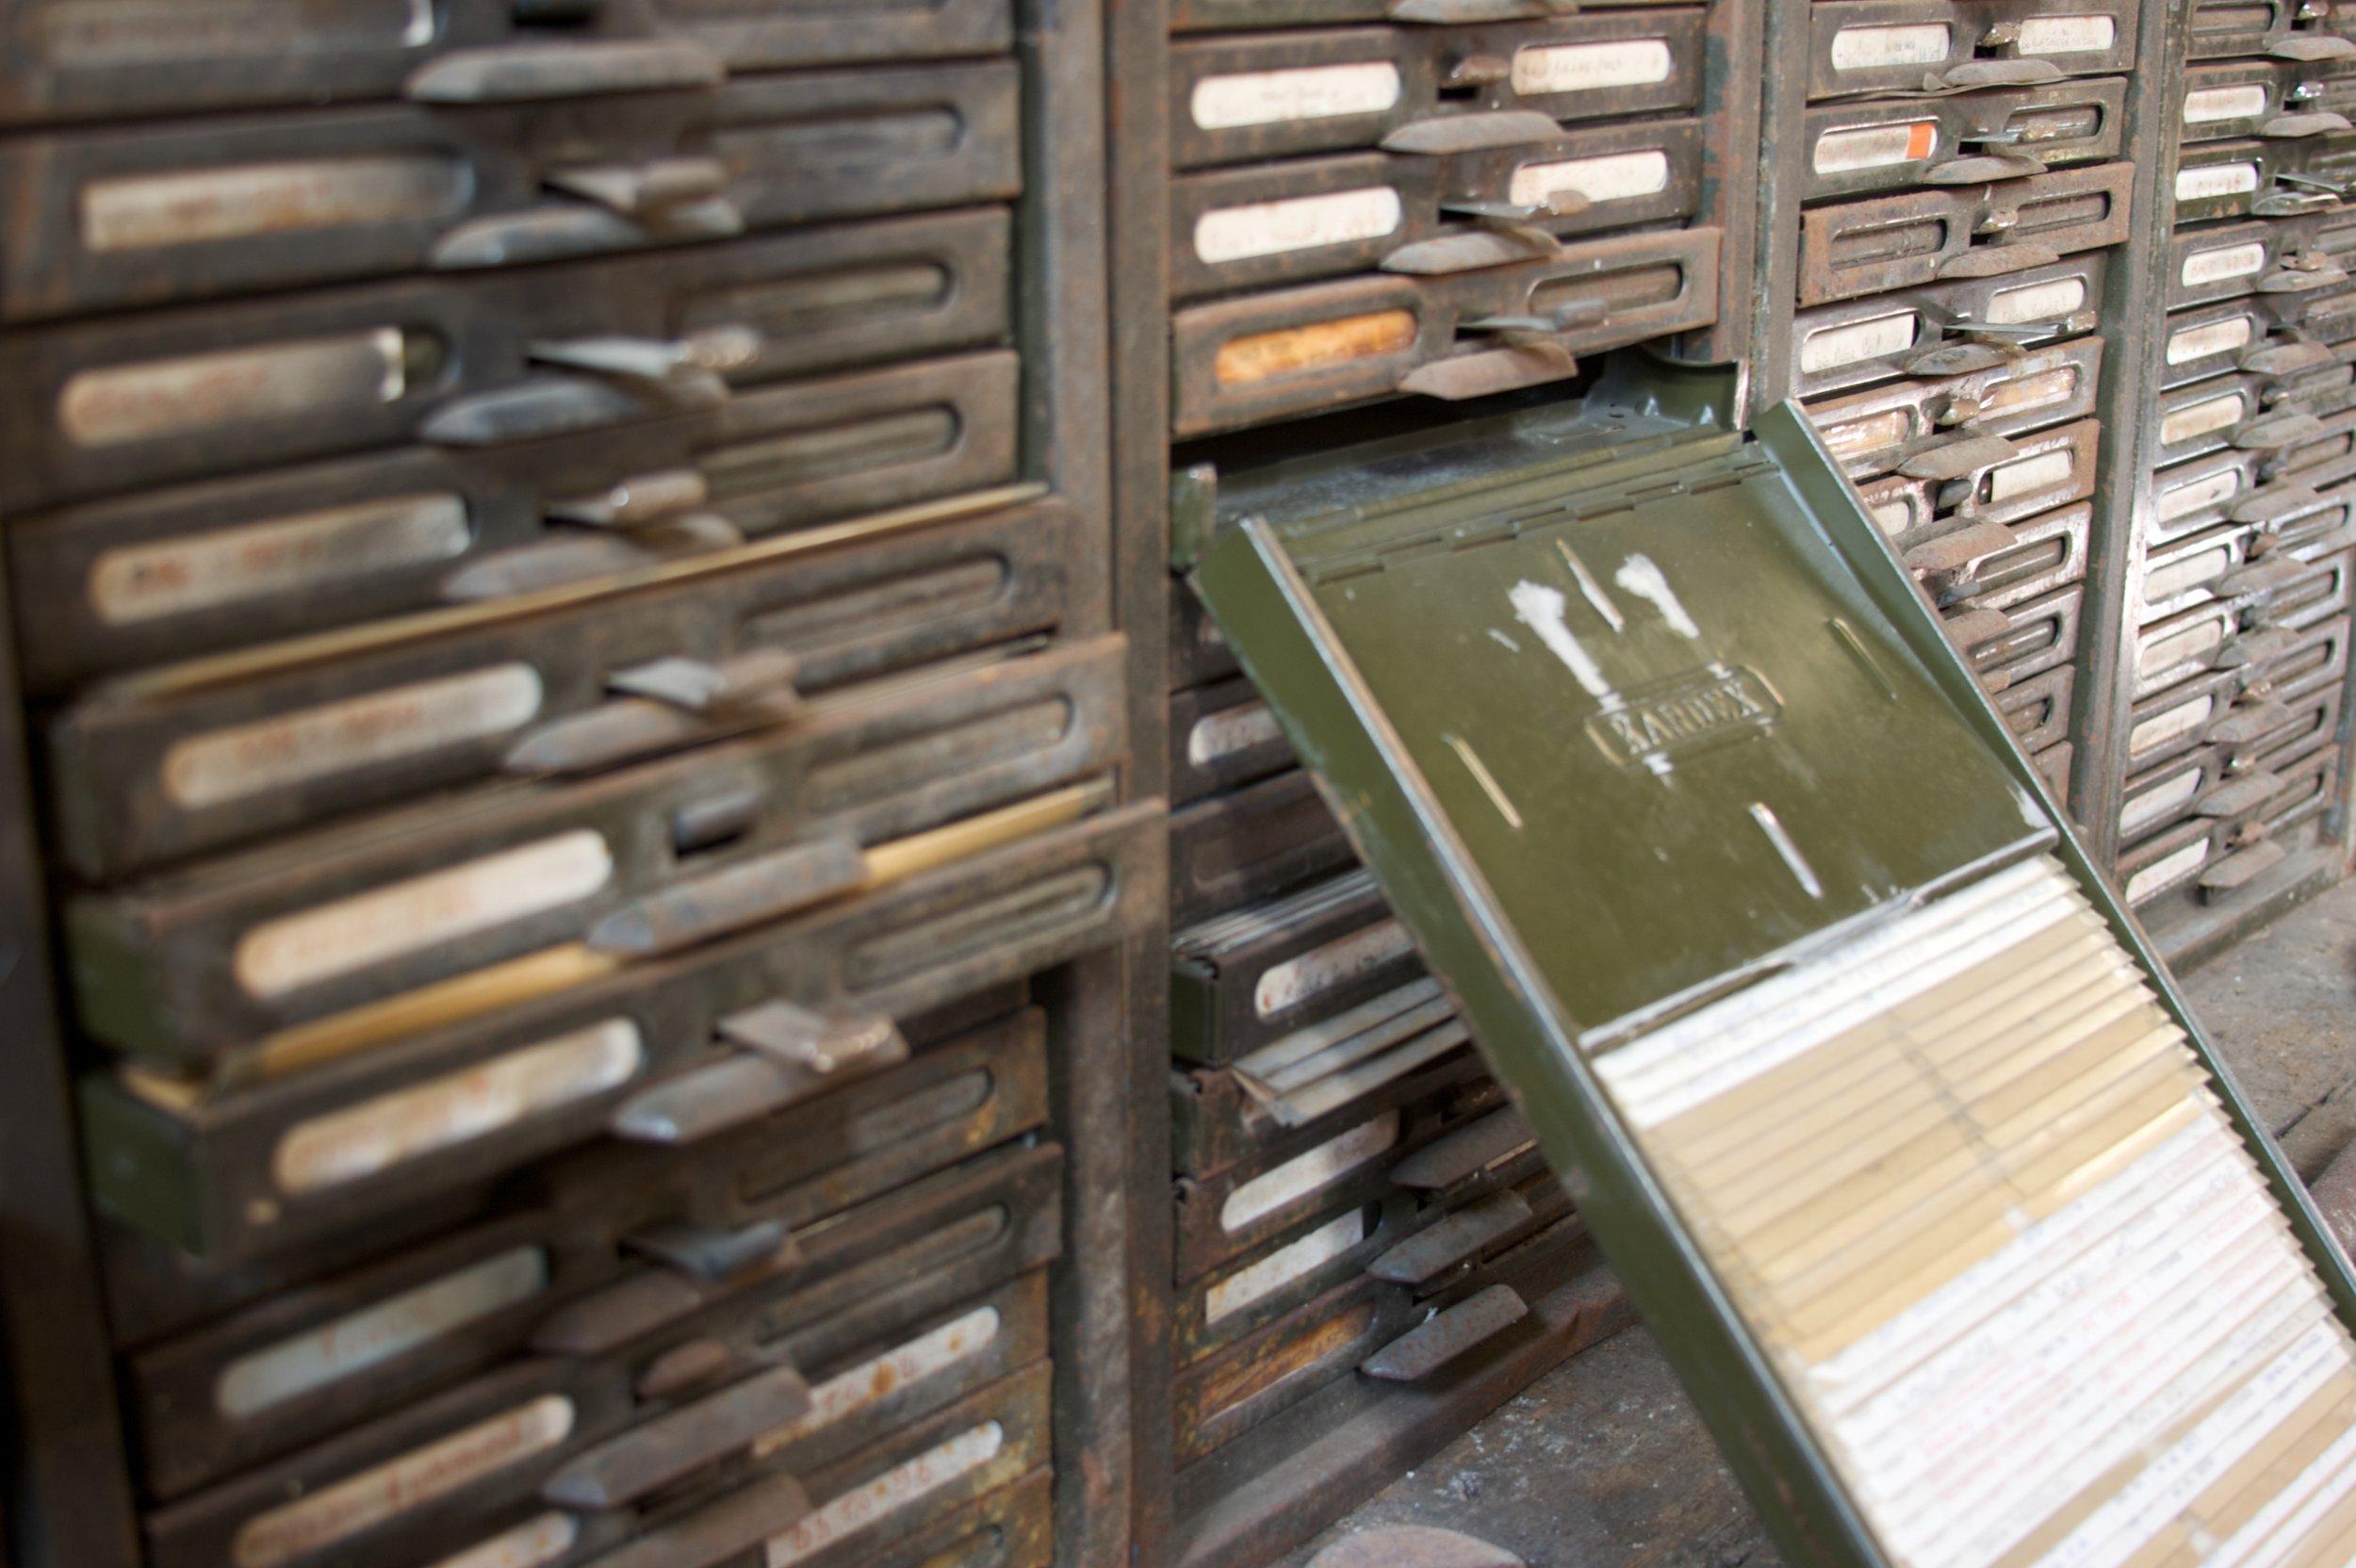 Old_kardex_file_cabinet.jpg